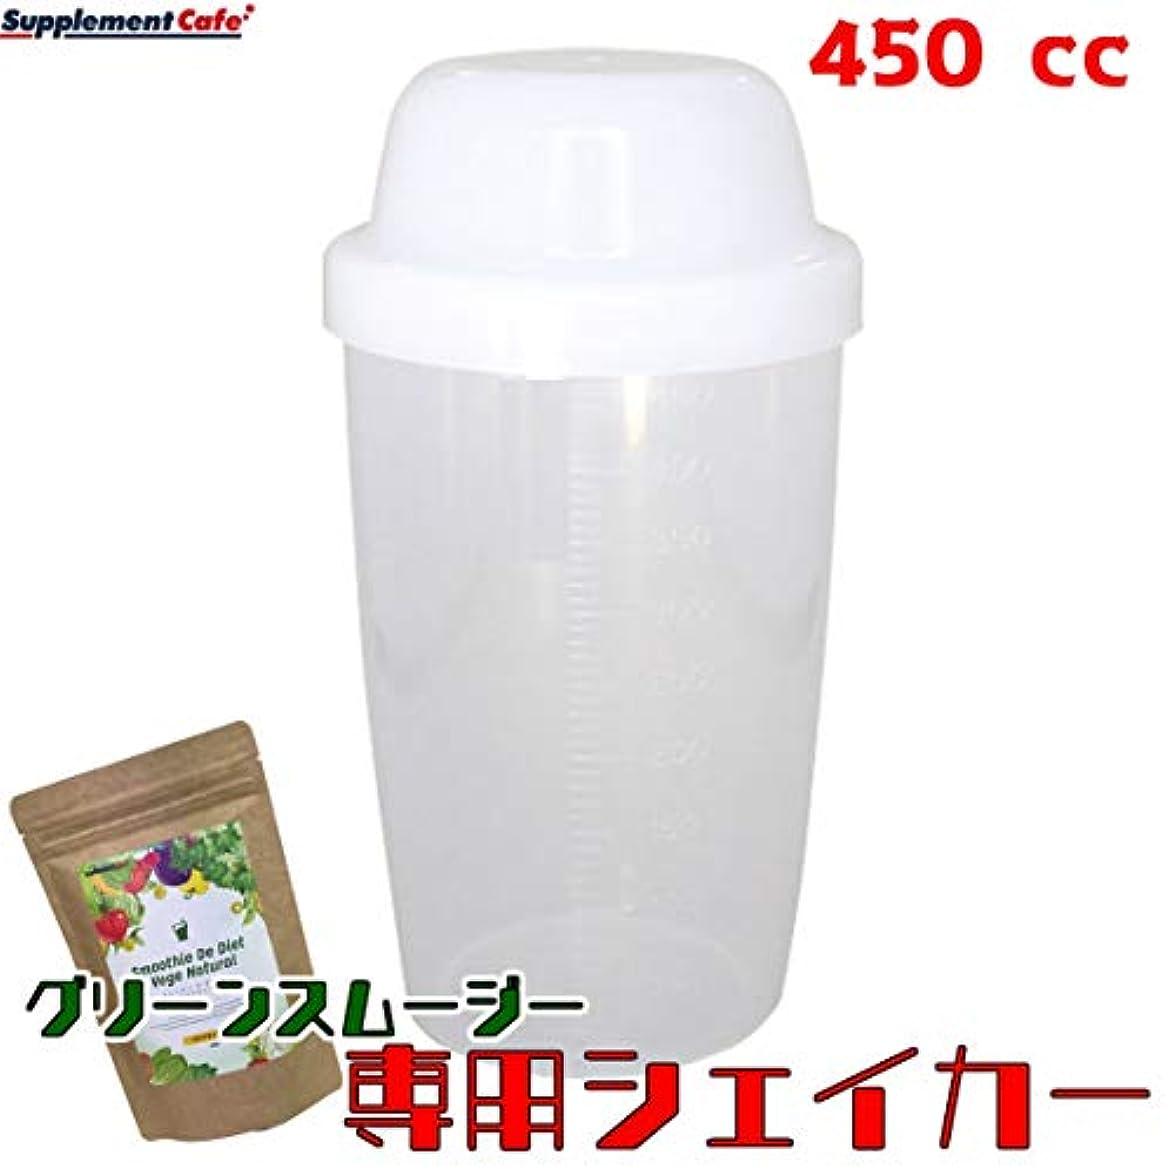 ボルトポジションファッション【スムージー用シェイカー 450cc】スムージーデダイエットベジナチュラル